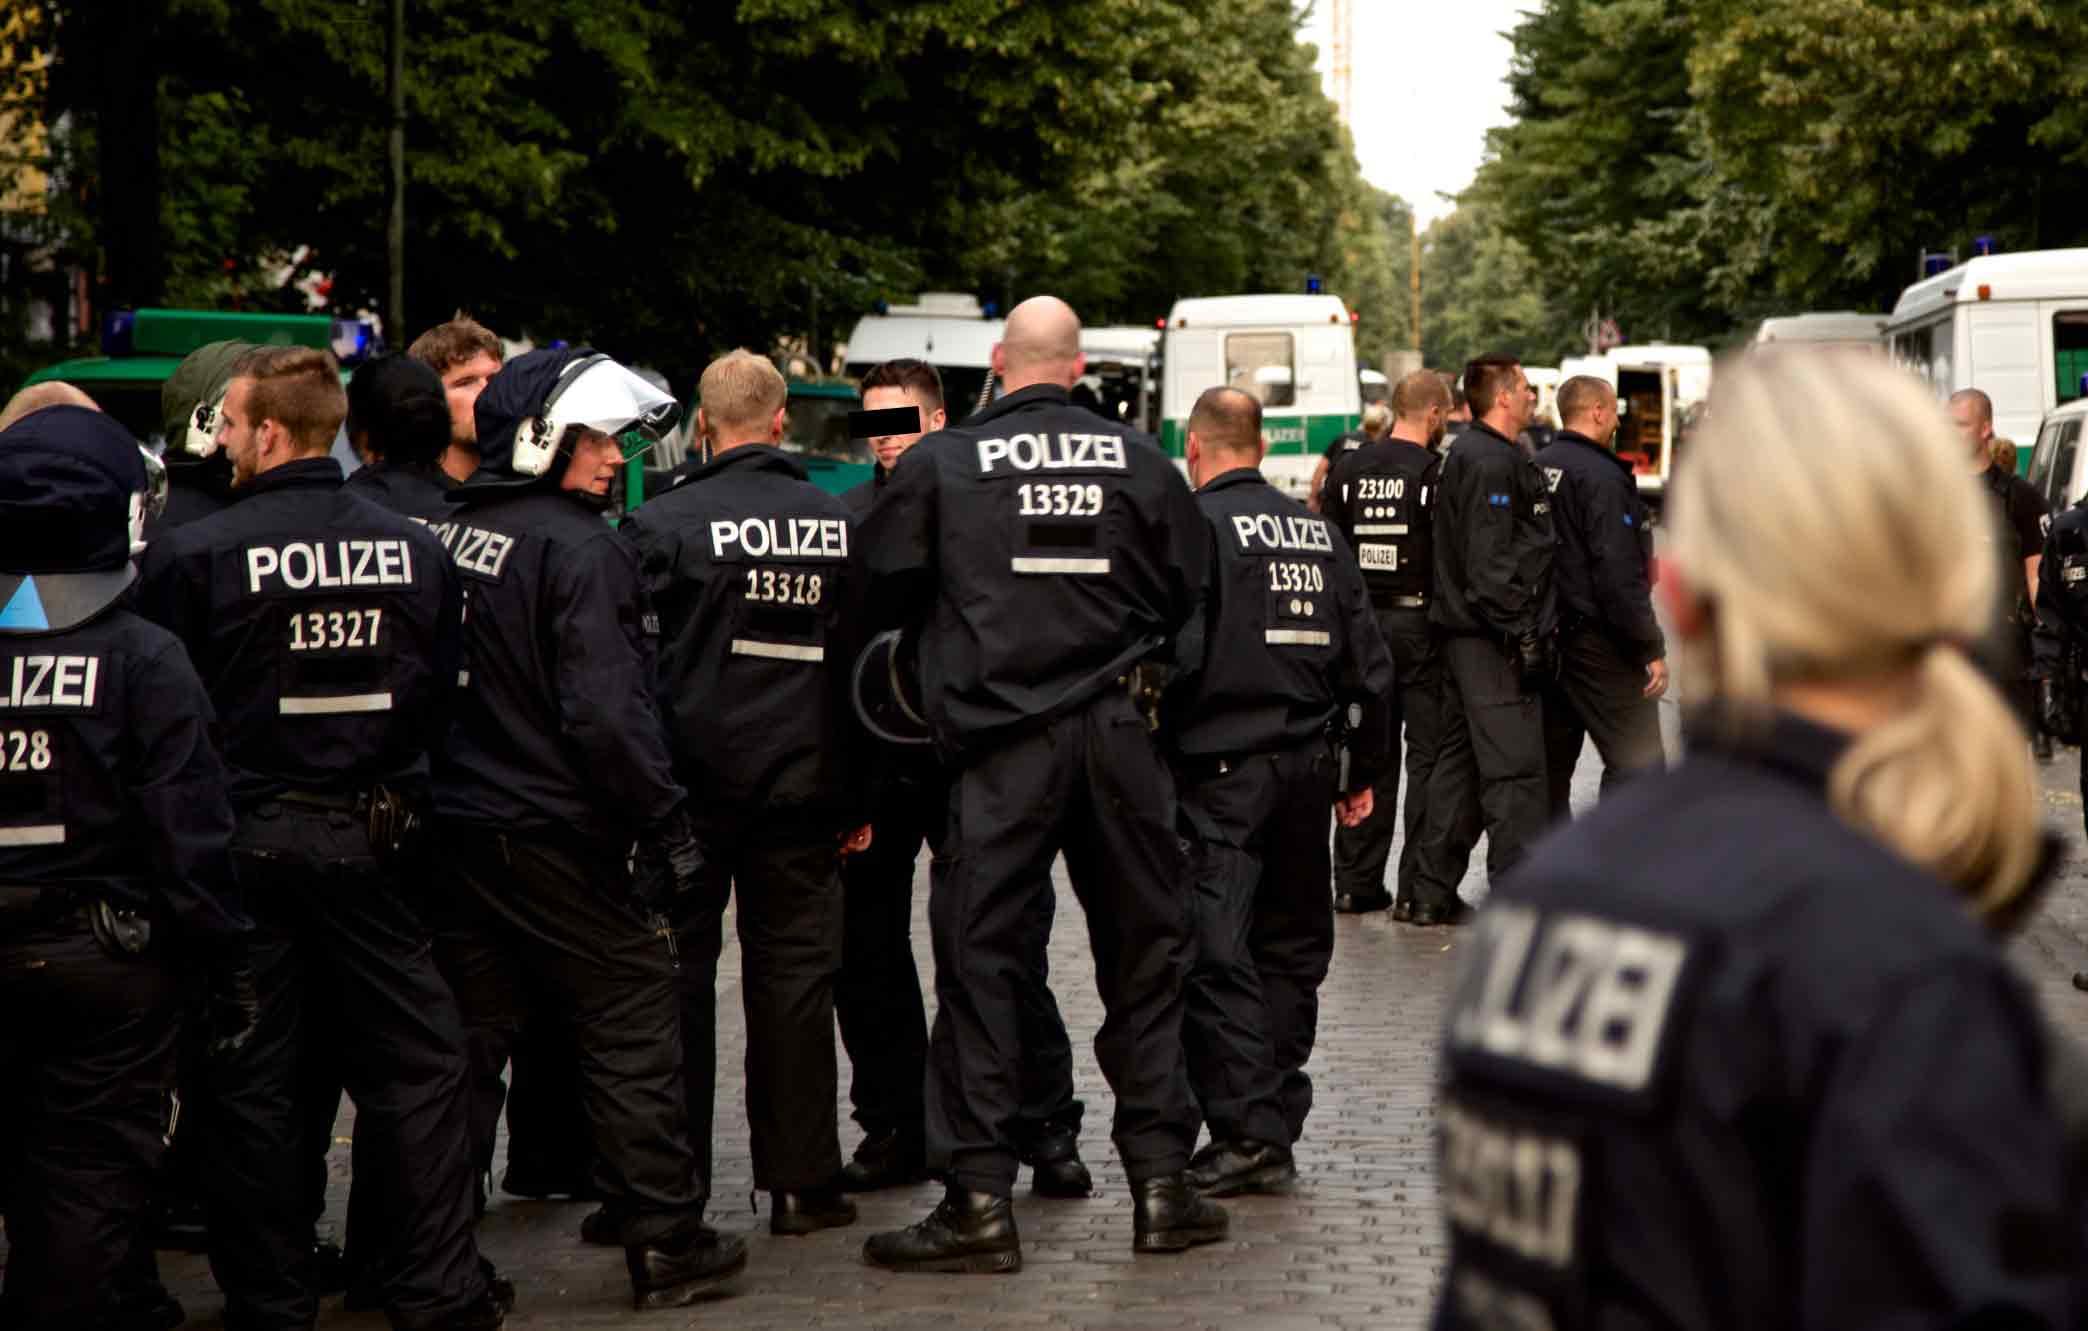 Wing Tsun bei Polizei und Militär – Foto: #Ohlauer Räumung / Protest 27.06.14 // Lausitzer / Reichenberger Straße von Markus Winkler / mw238 CC BY 2.0